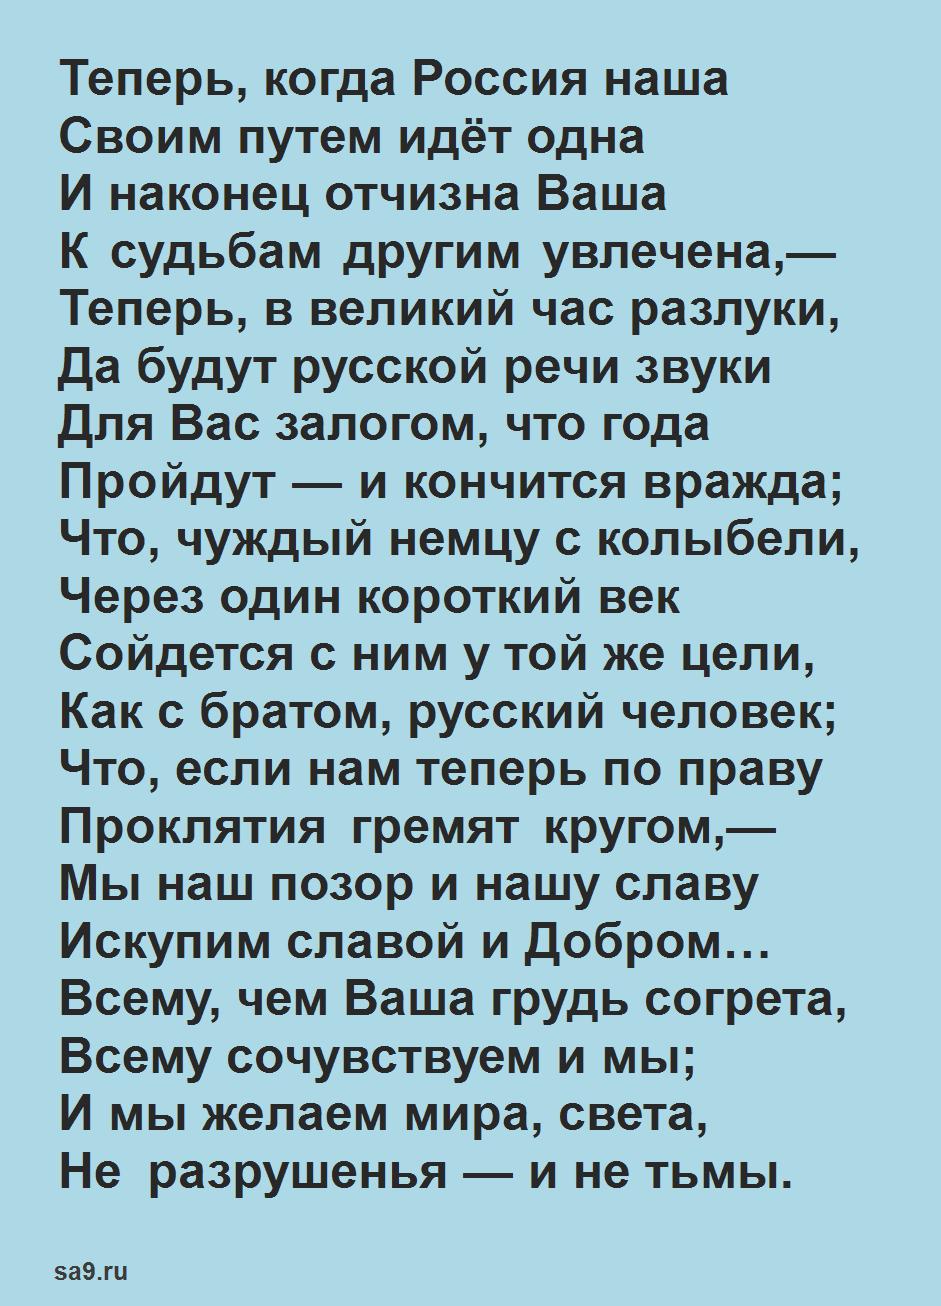 Читать, скачать бесплатно лучшие стихи Тургенева о России